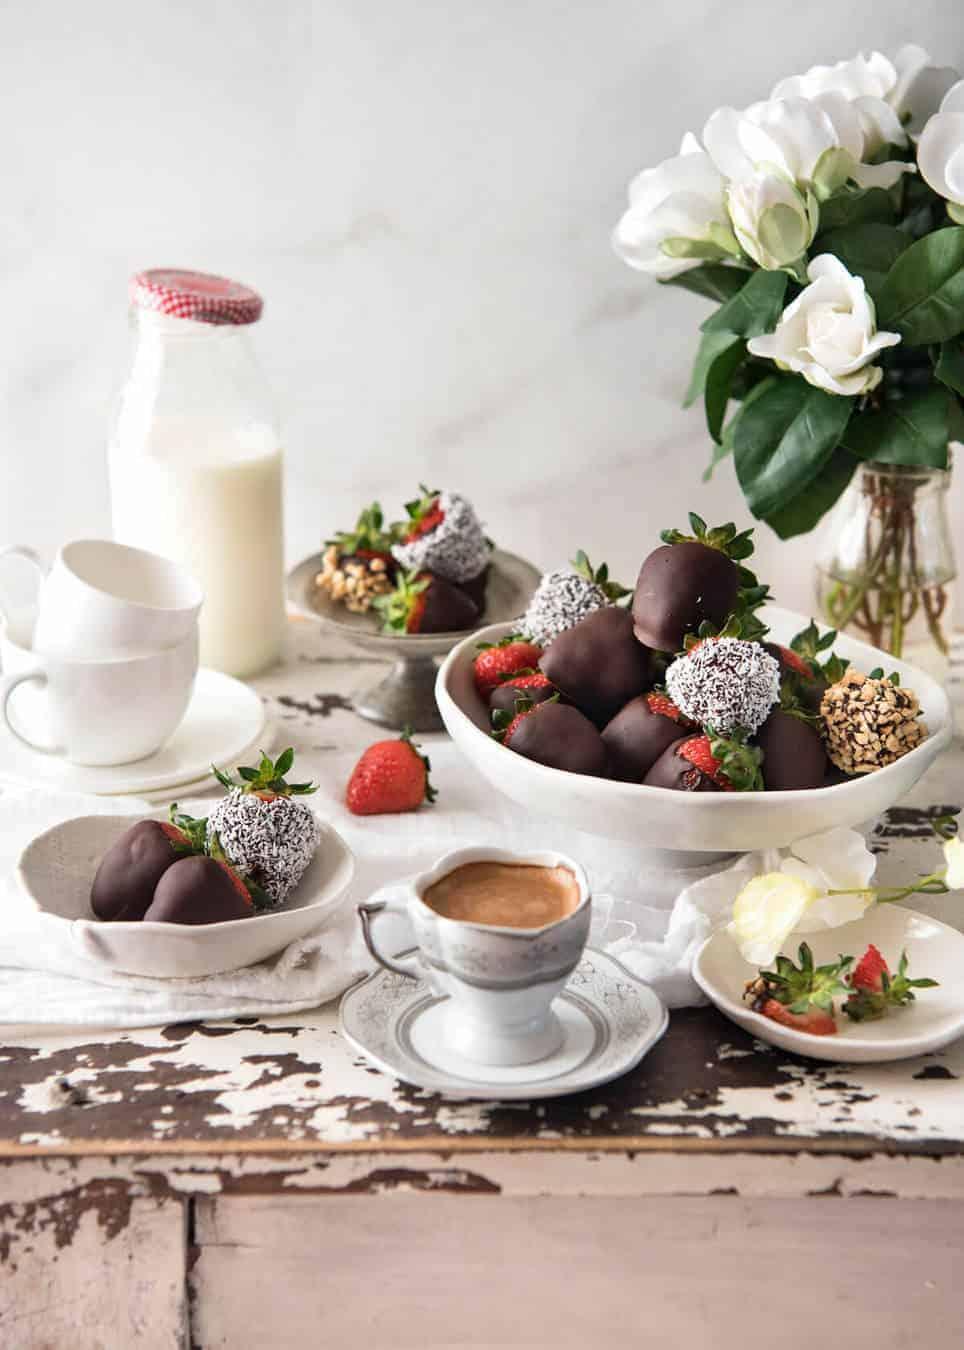 Godiva Milk Chocolate Covered Strawberries Calories